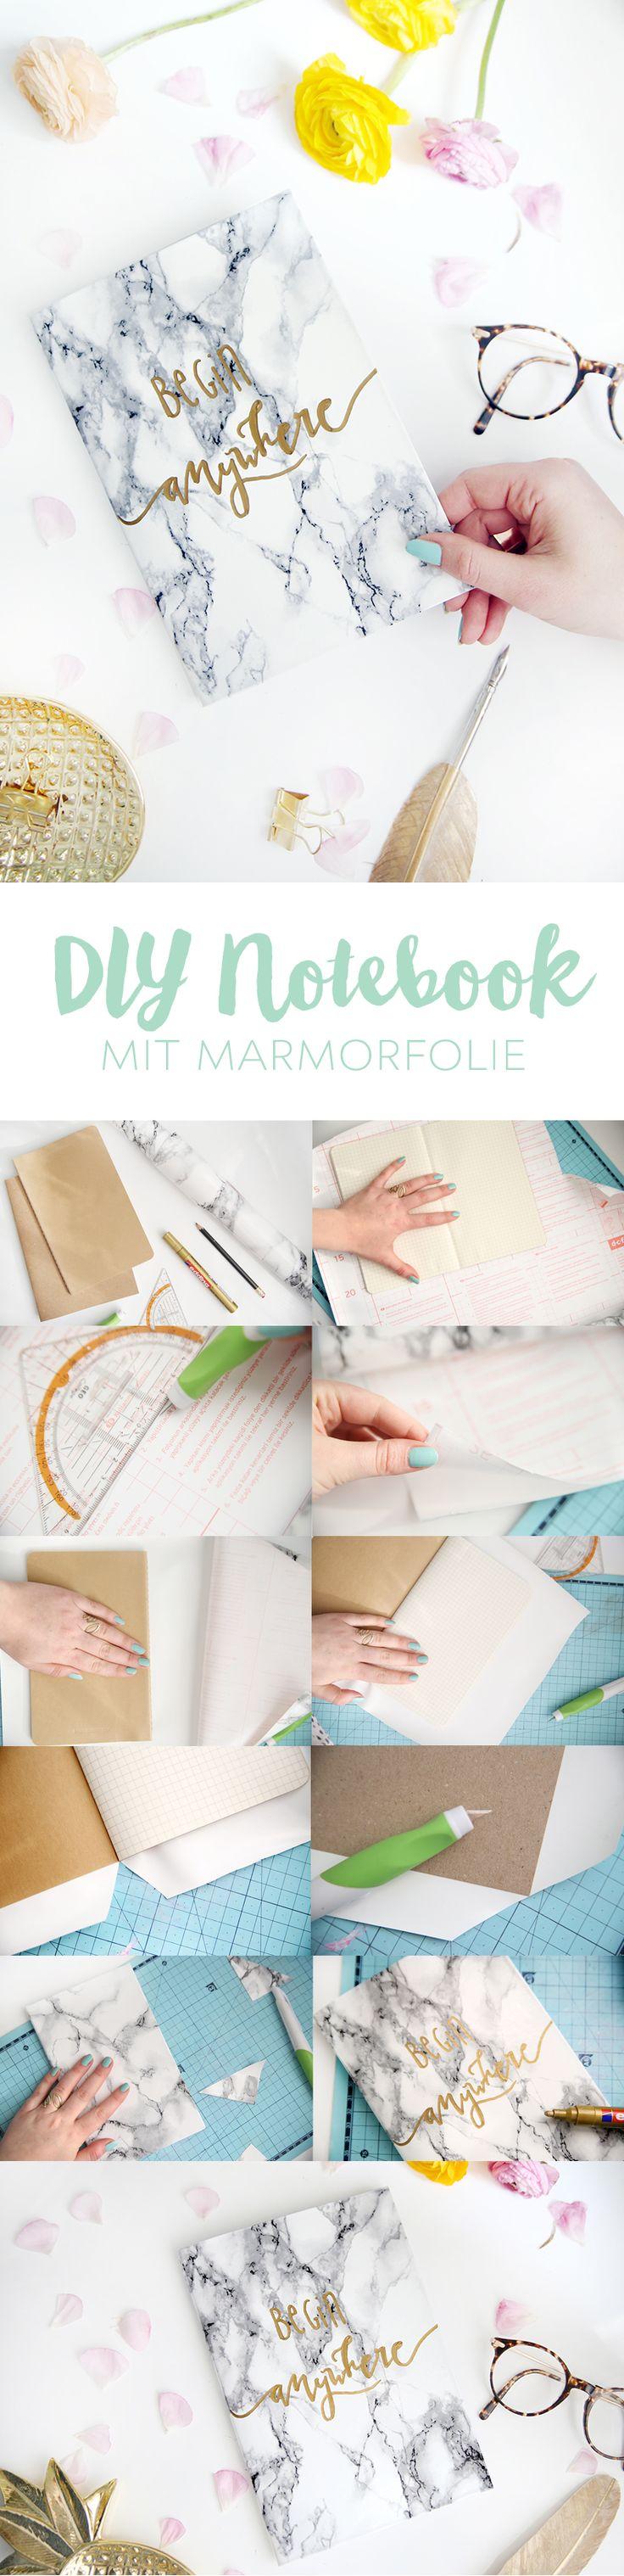 Kreative DIY-Idee zum Selbermachen: Notizbücher mit Marmor-Folie bekleben